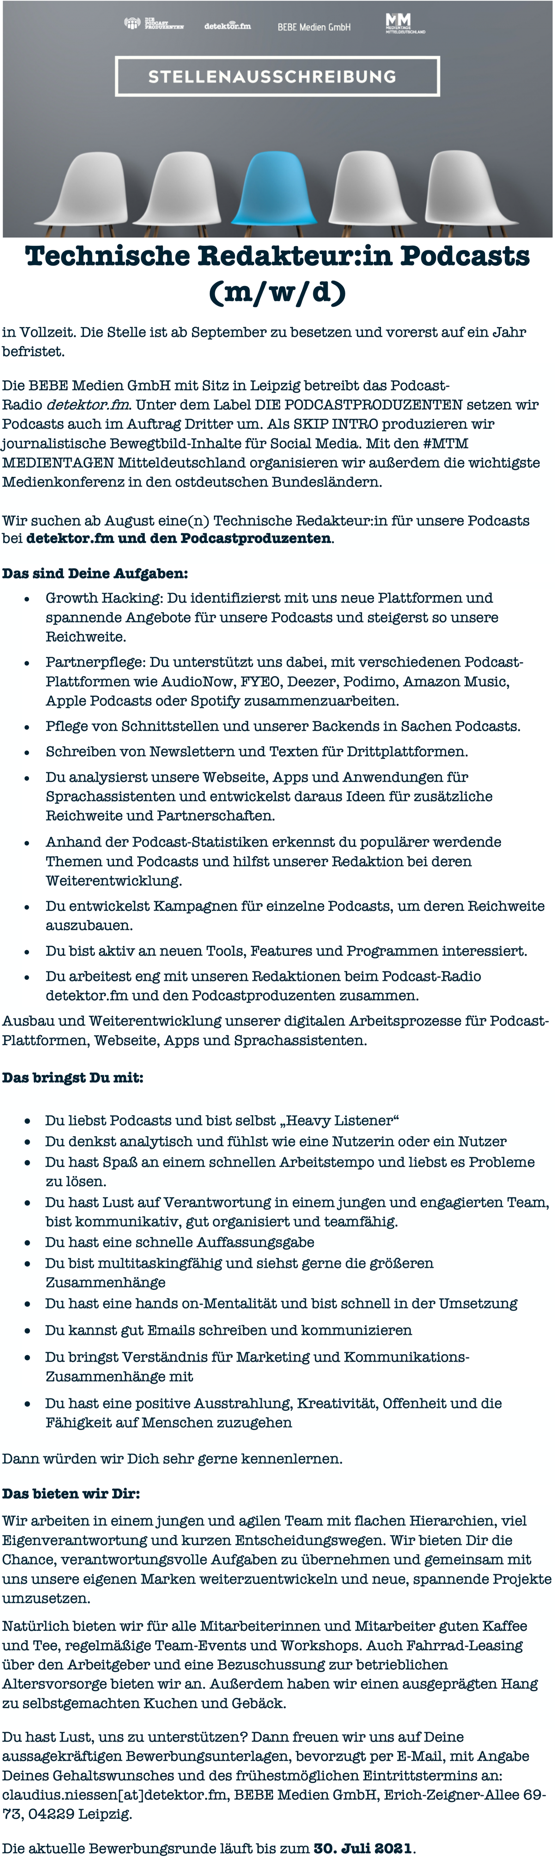 detektor.fm sucht Technische Redakteur:in Podcasts (m/w/d)